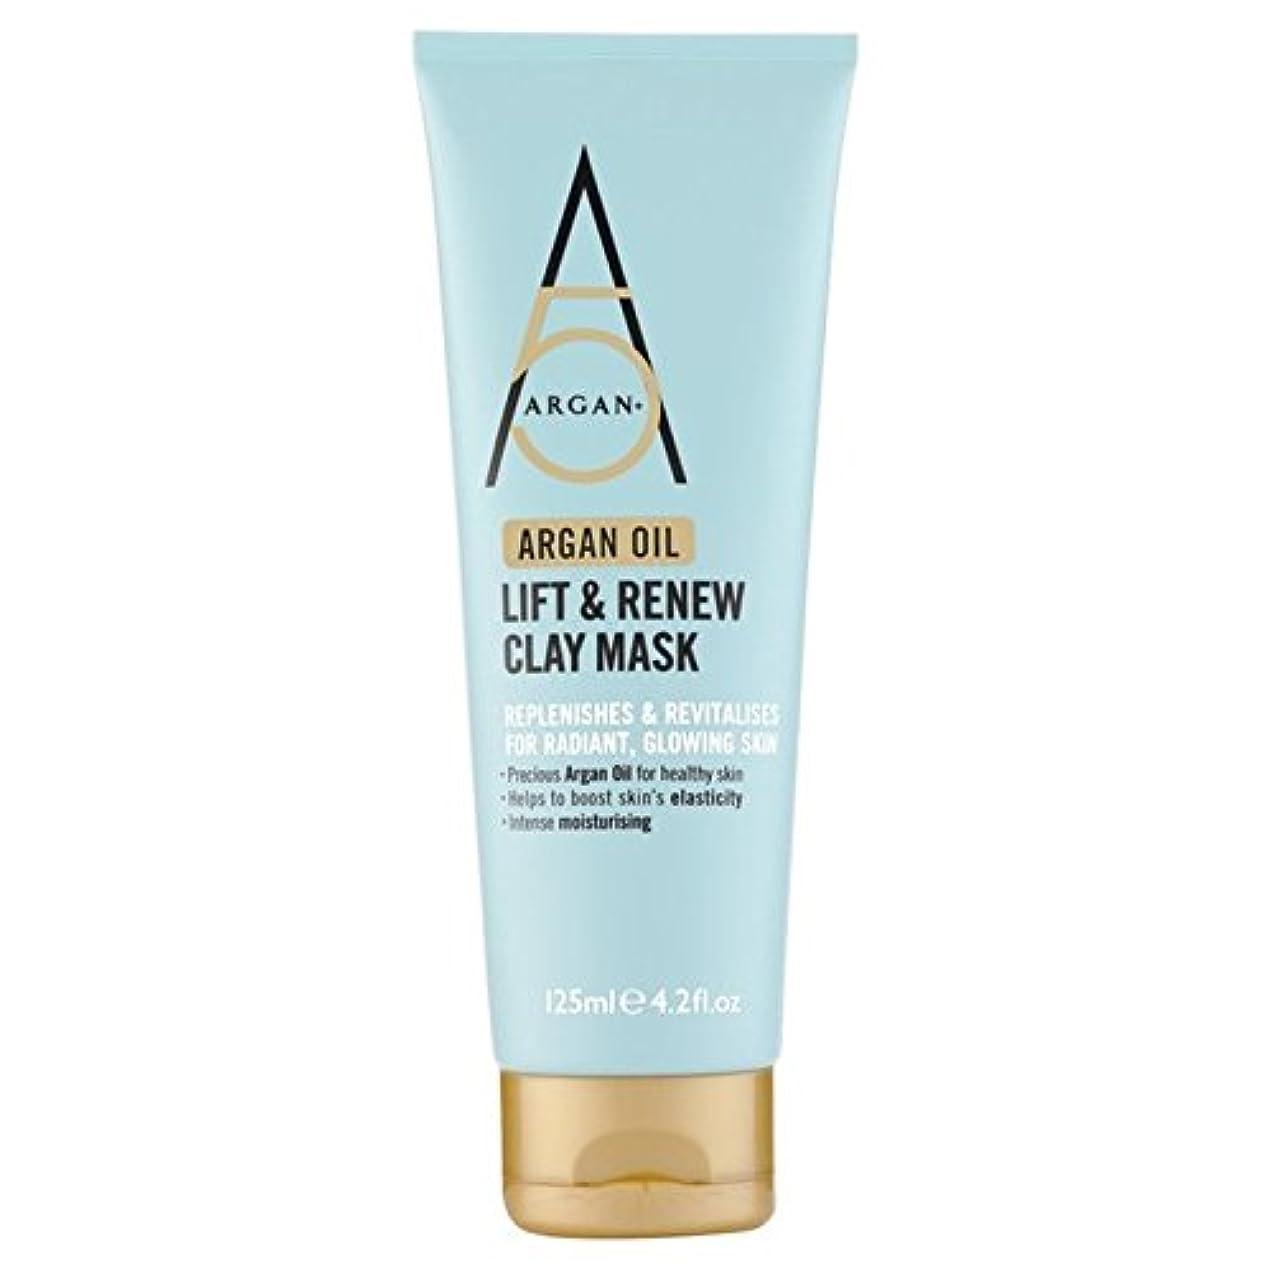 慢な懲らしめ砂漠Argan+ Lift & Renew Clay Face Mask 125ml - アルガン+リフト&クレイフェイスマスク125ミリリットルを更新 [並行輸入品]